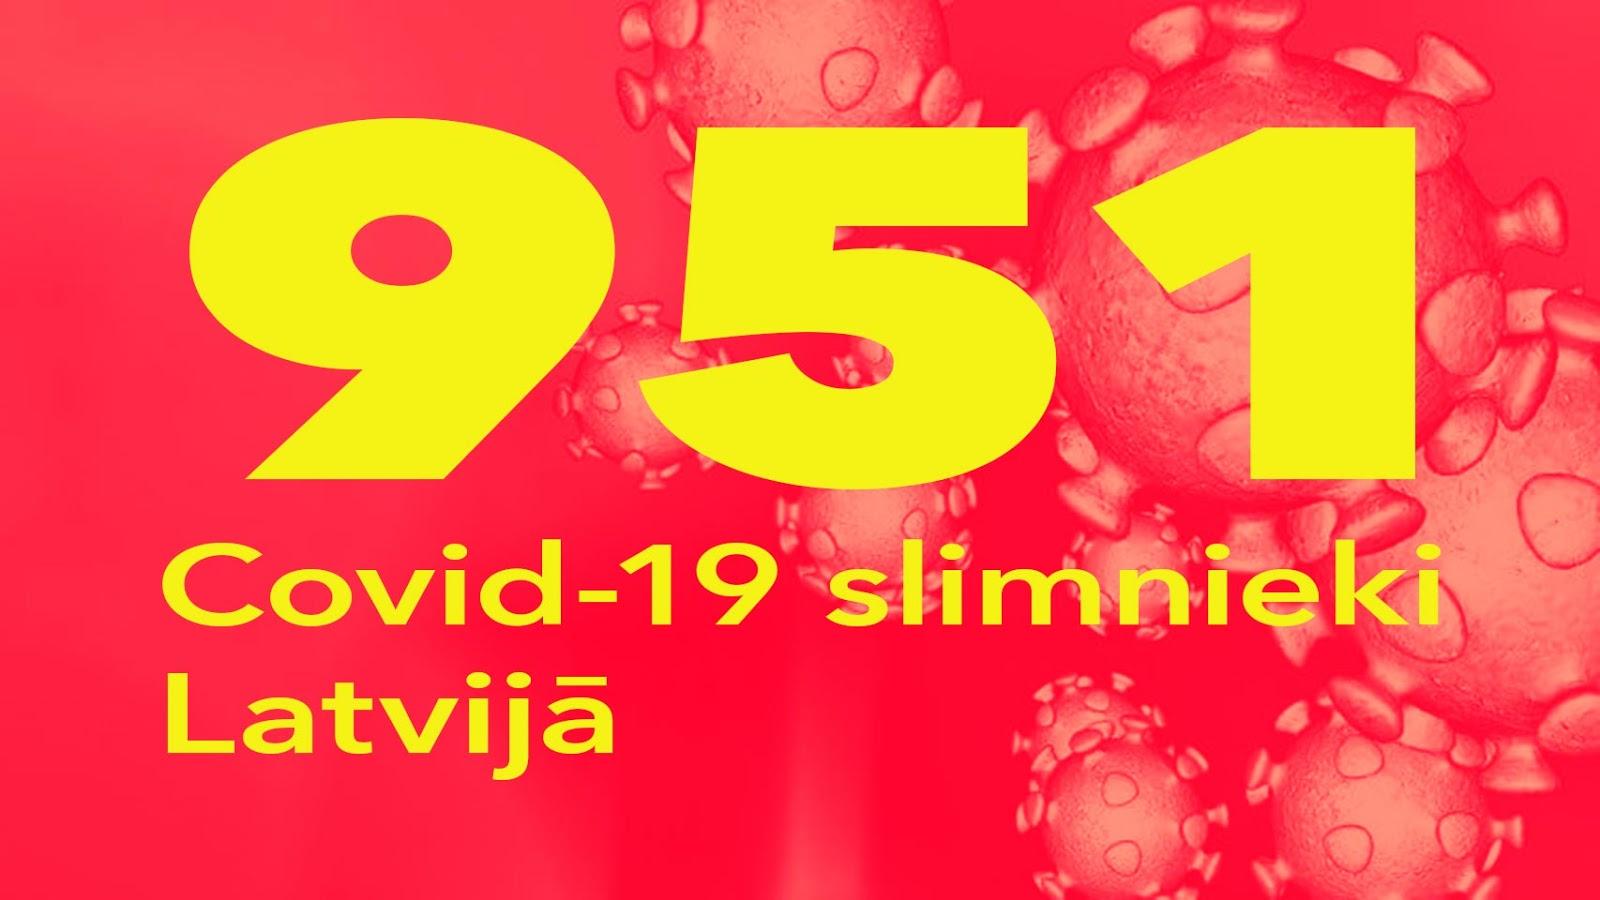 Koronavīrusa saslimušo skaits Latvijā 13.05.2020.